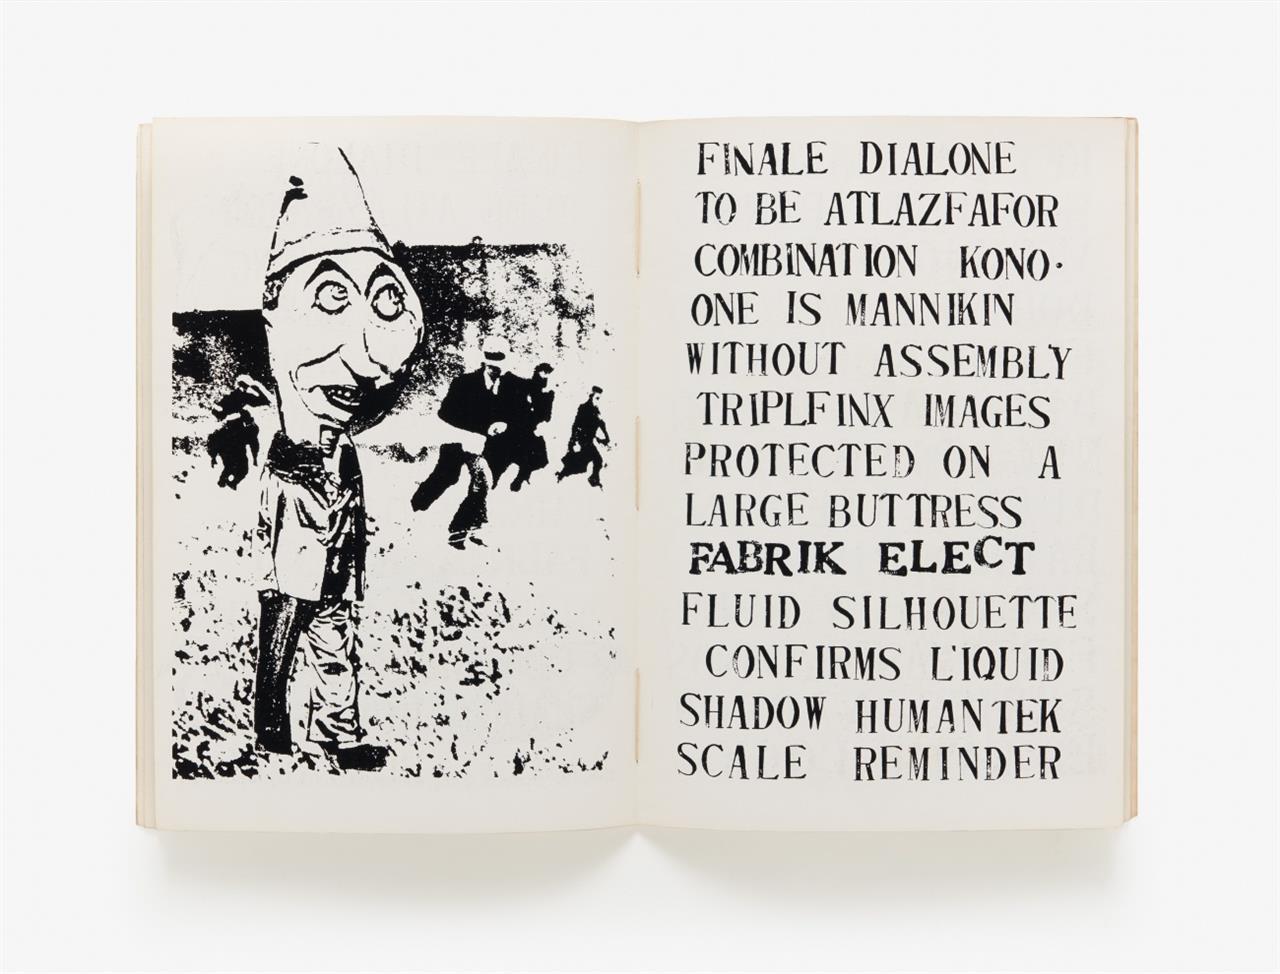 E. Paolozzi, Metafisikal Translations. London 1962. - Ex. 17/100.